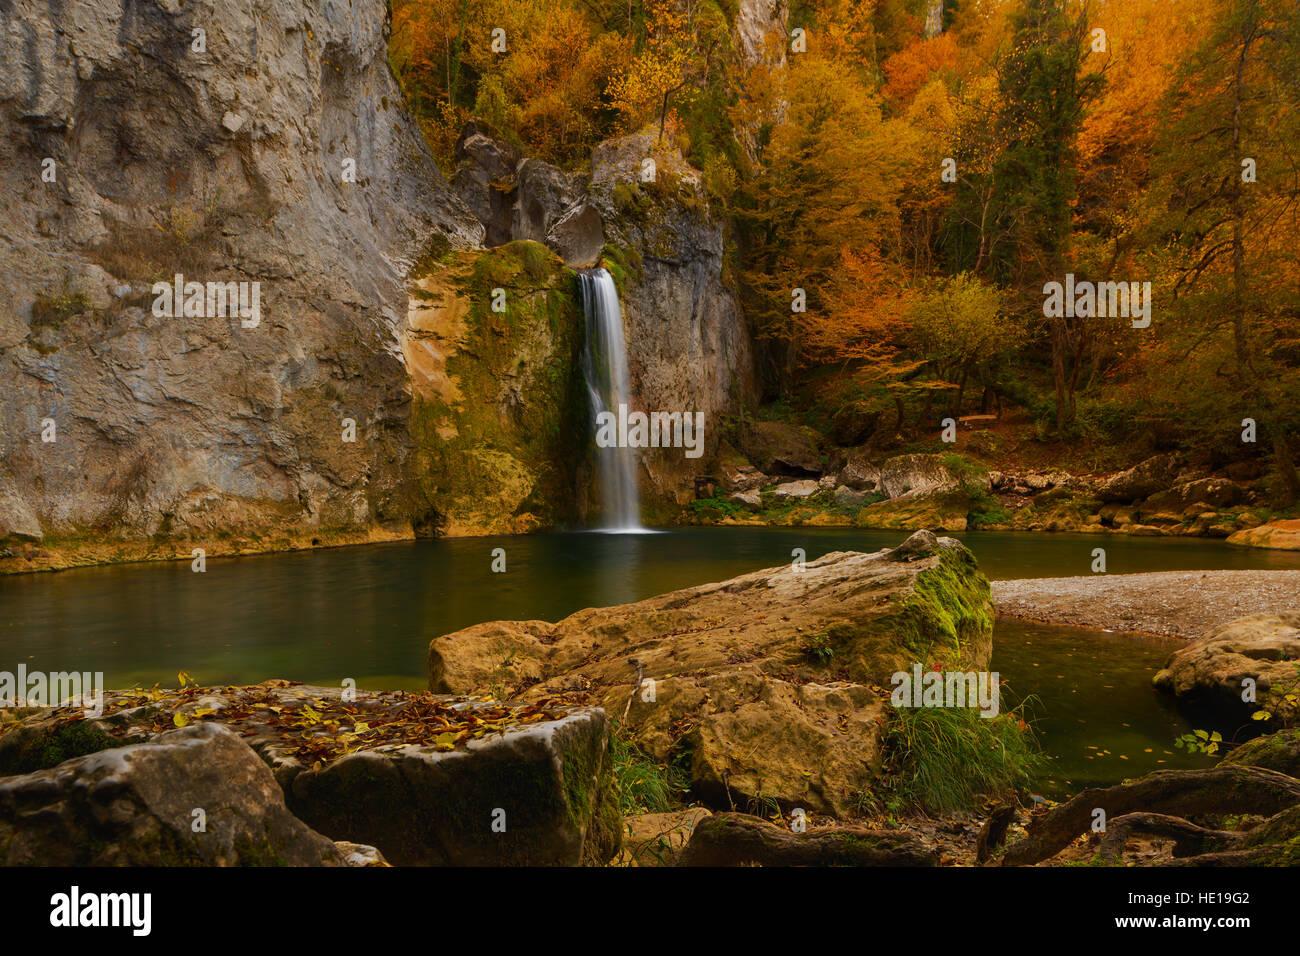 Landschaft von Ilica Wasserfall mit schönen Herbst Natur der Kure Berge in Kastamonu, Türkei Stockbild